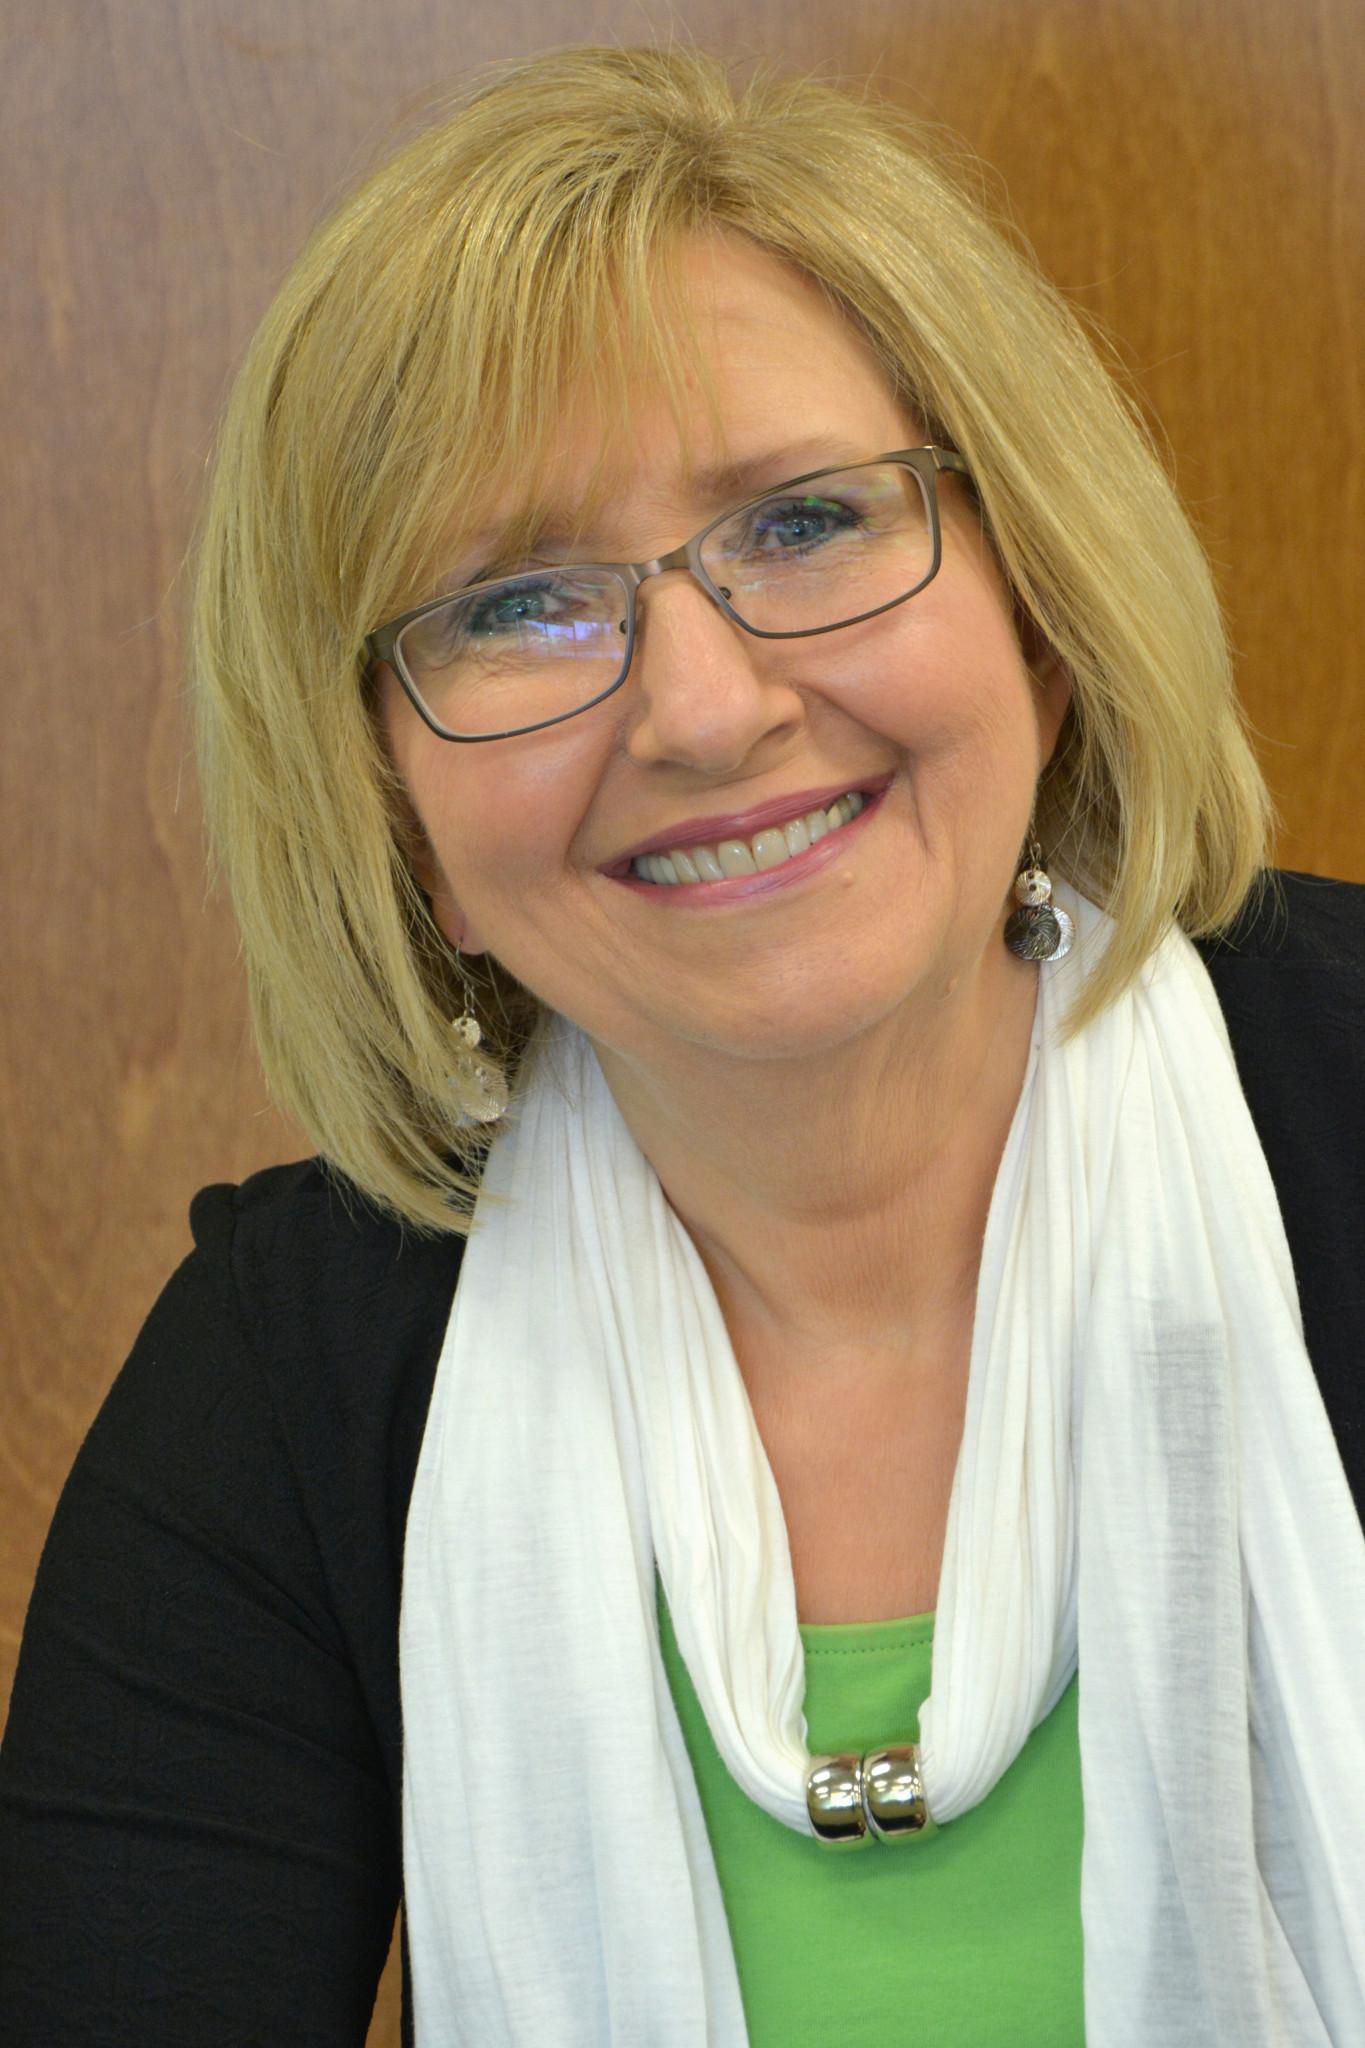 Vickie Mears